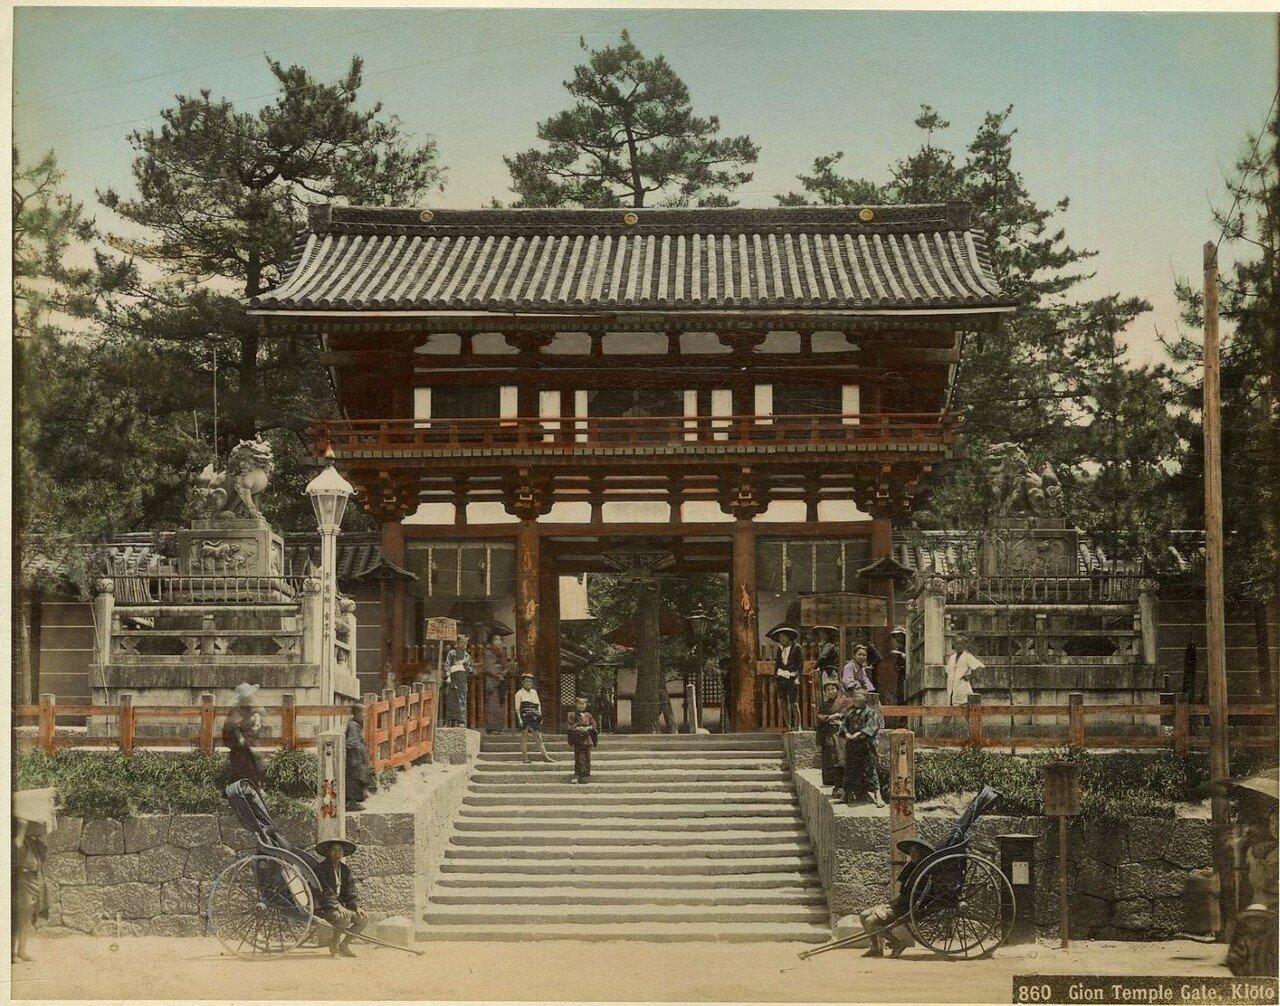 Киото. Ворота храма Гион Тэндзин